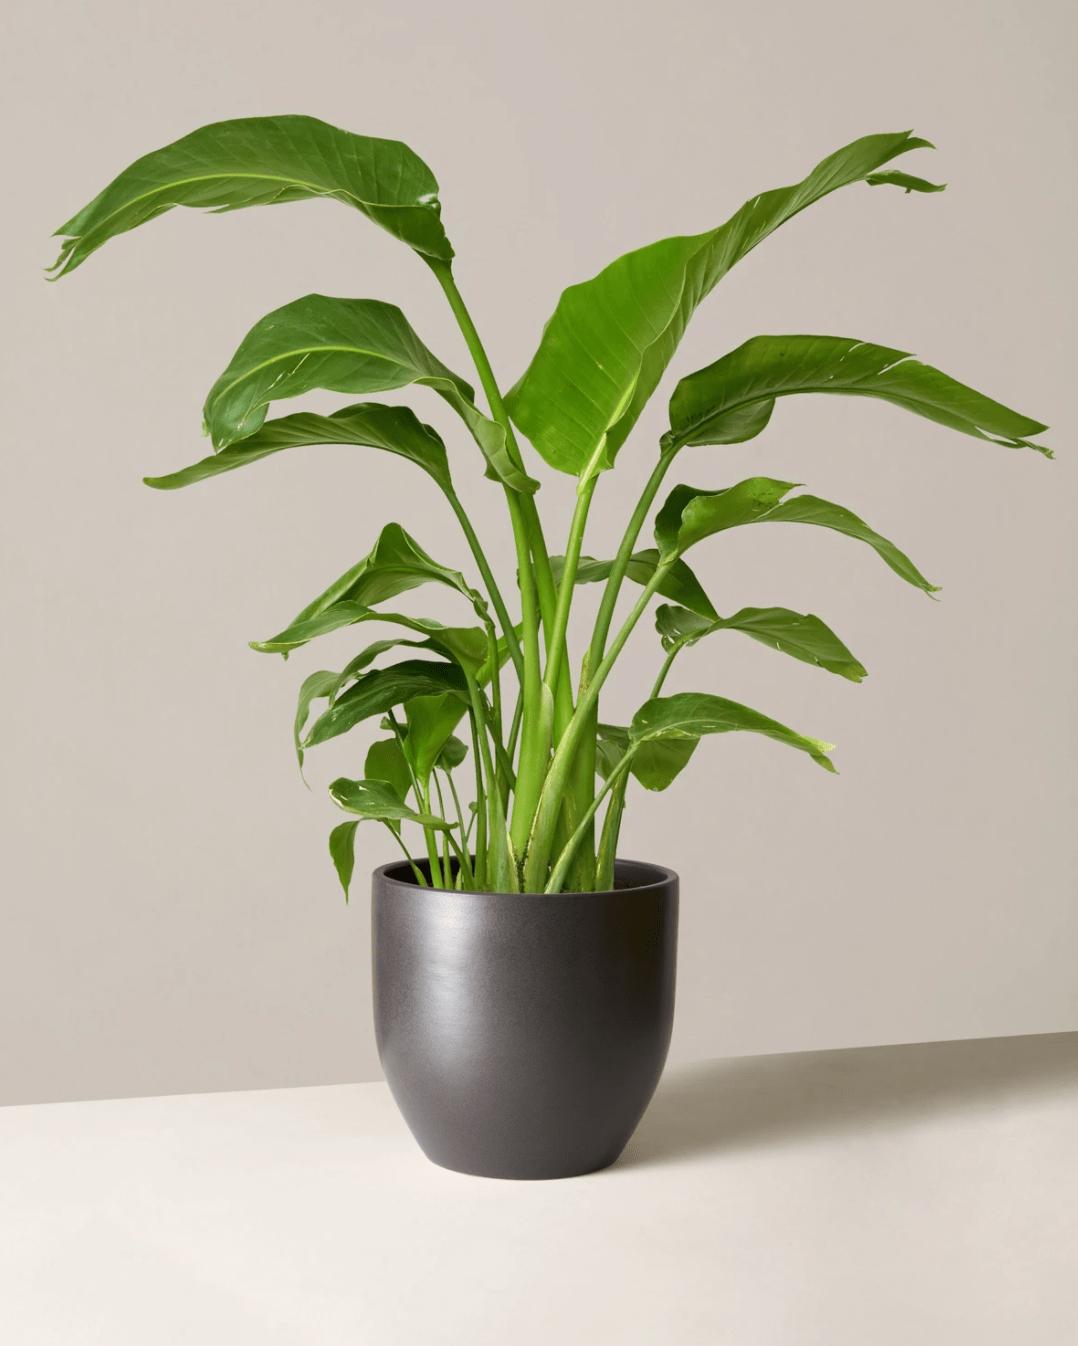 bird of paradise, buying indoor plants online